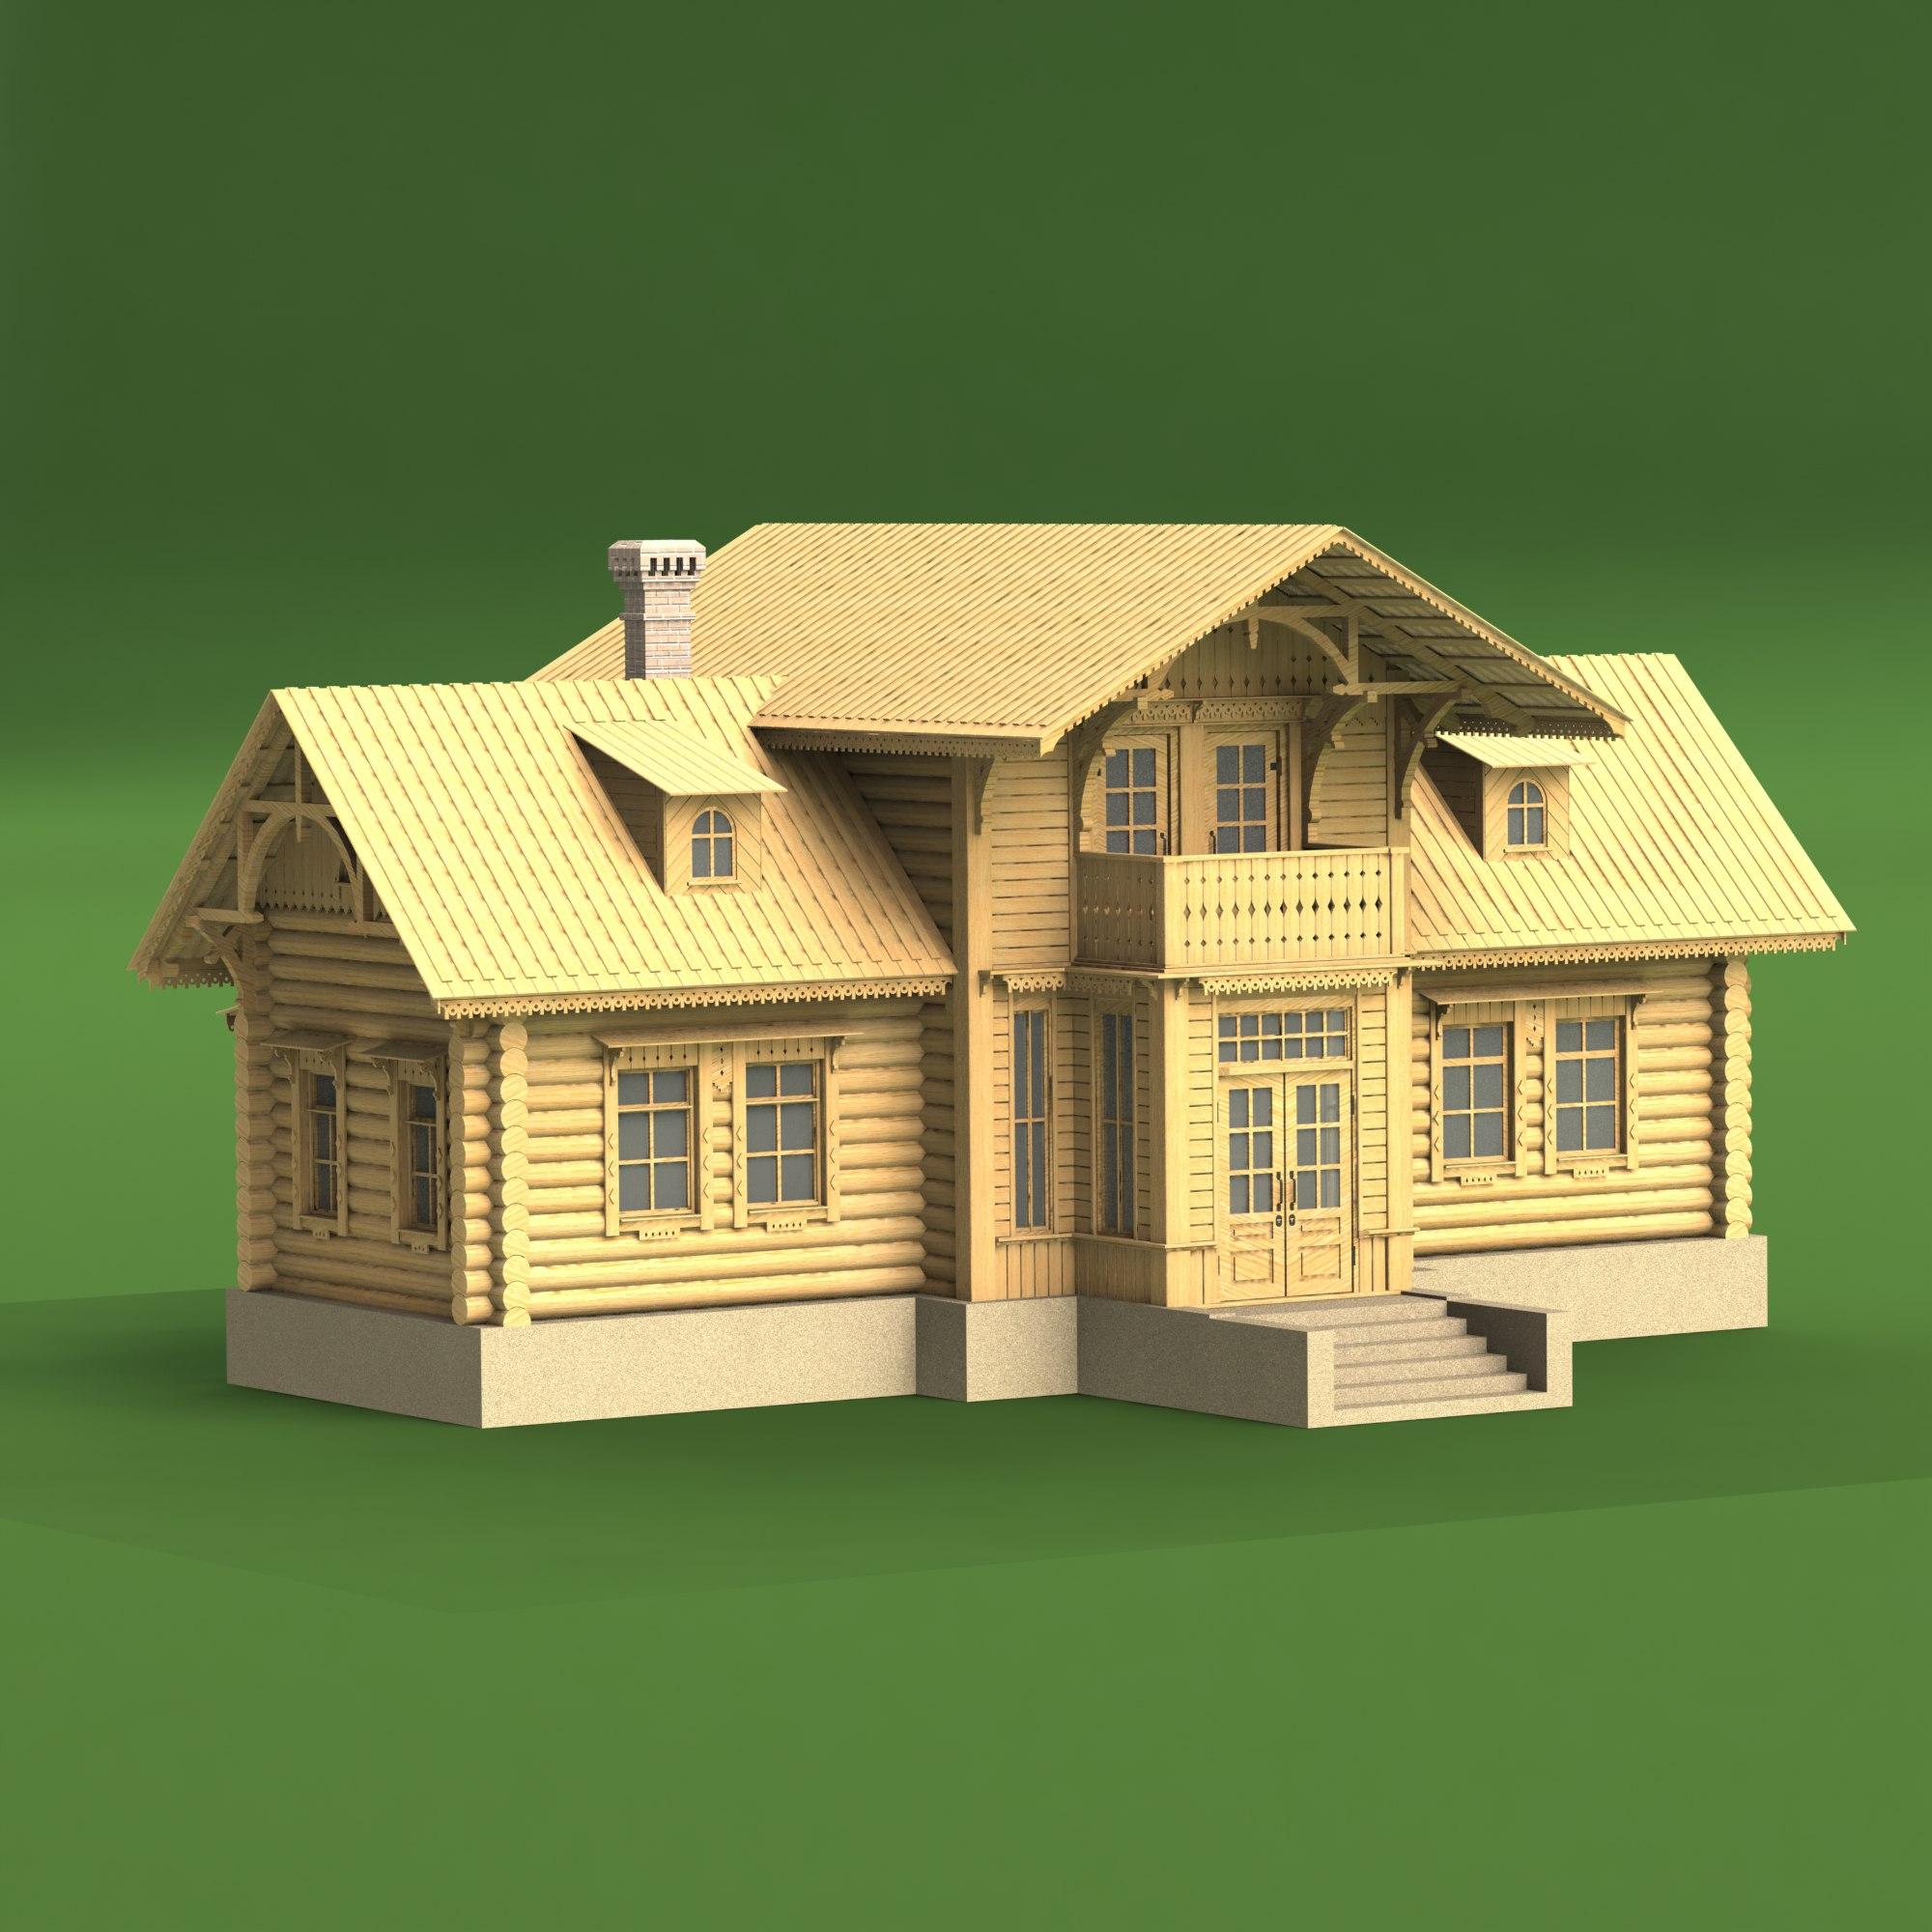 дипломы масштабные модели домов из дерева Тамбовцева